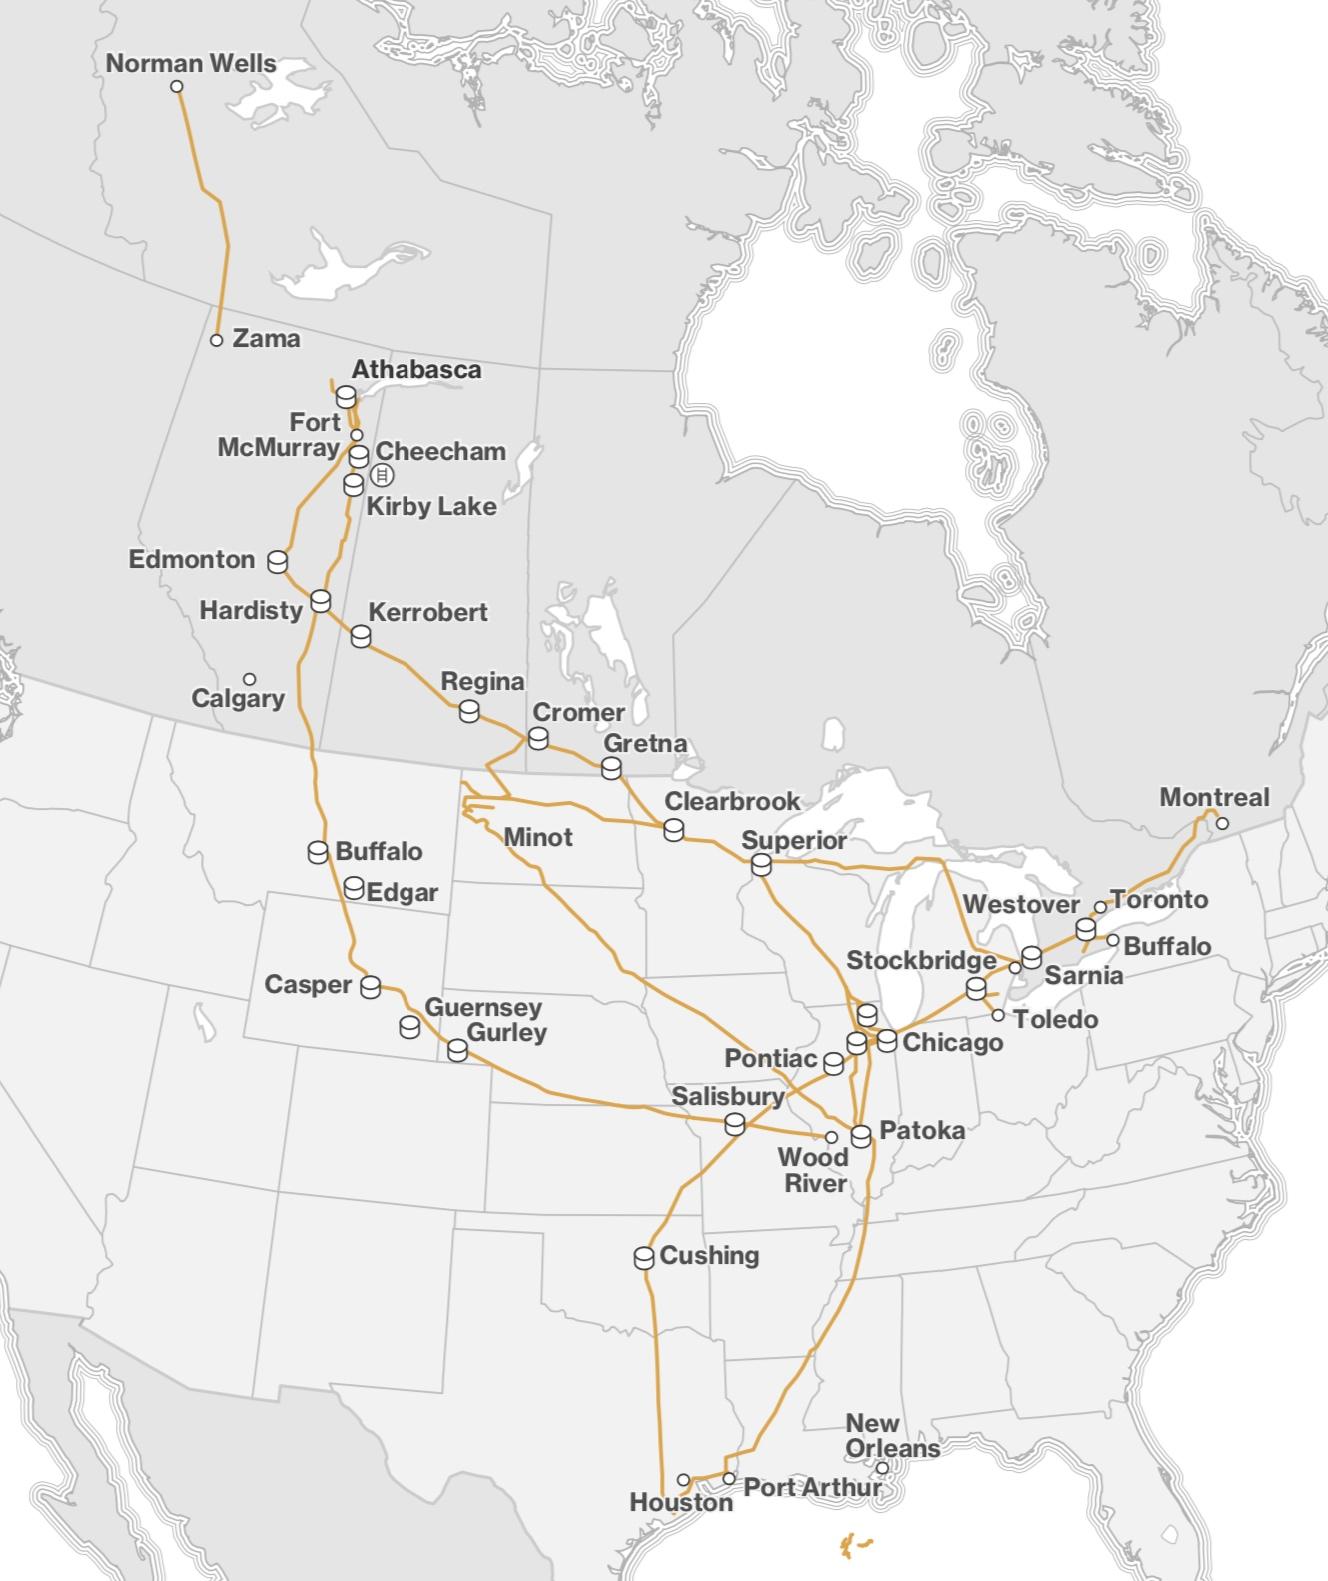 ENBRIDGE LIQUIDS PIPELINE MAP (COURTESY ENBRIDGE)